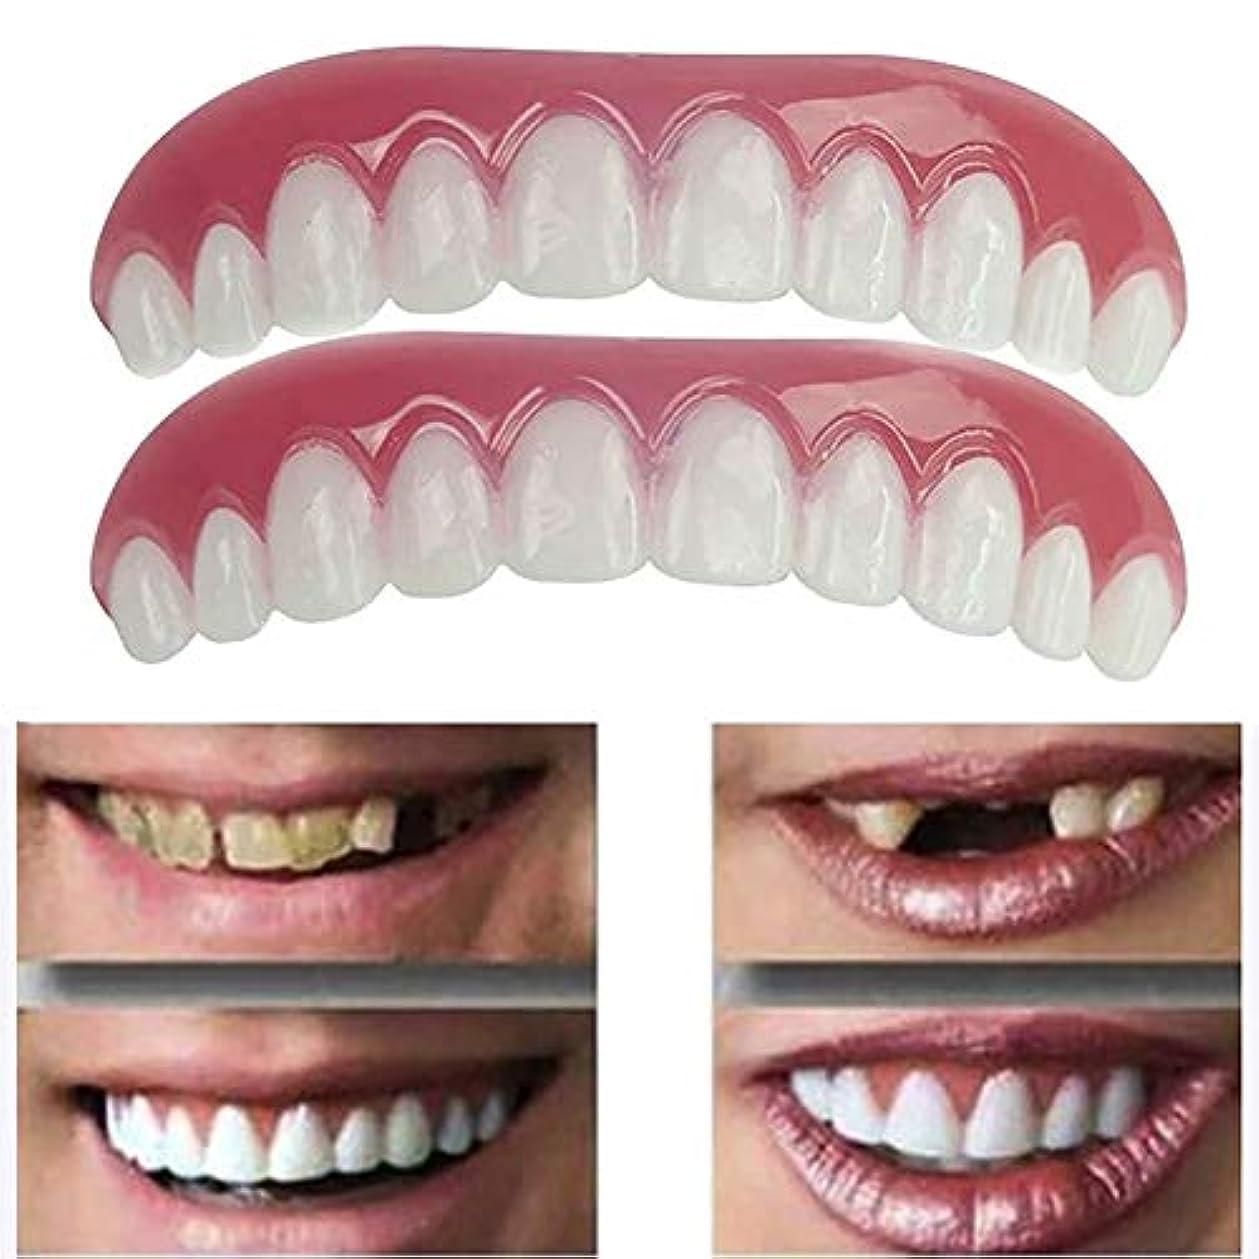 財団もっと浸した5ペア偽の歯上偽の歯のカバー安全なインスタント笑顔化粧品ノベルティ歯 - ワンサイズ最もフィット